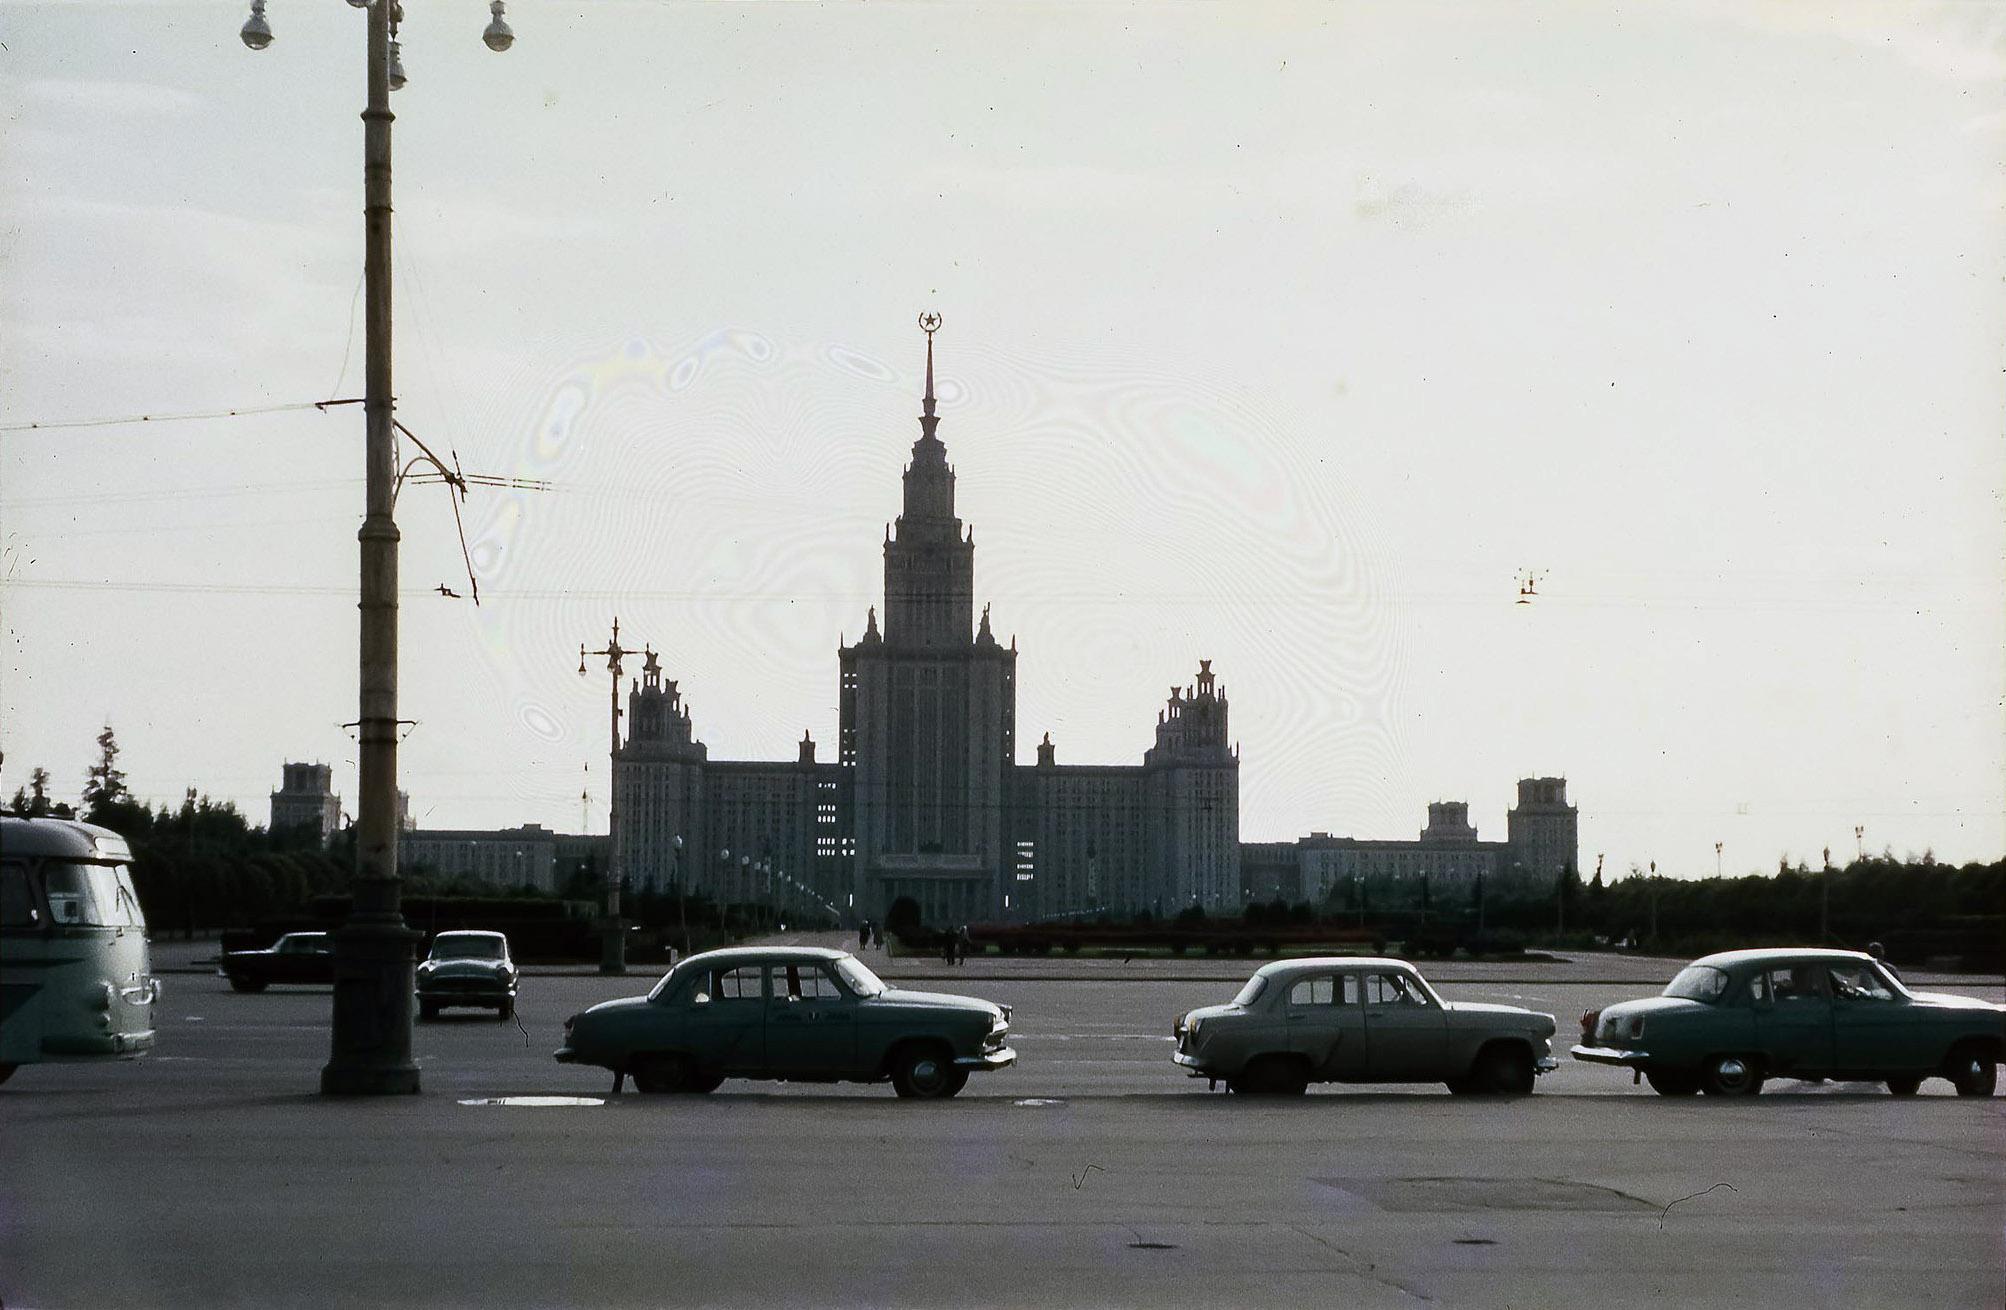 МГУ. Главное здание МГУ